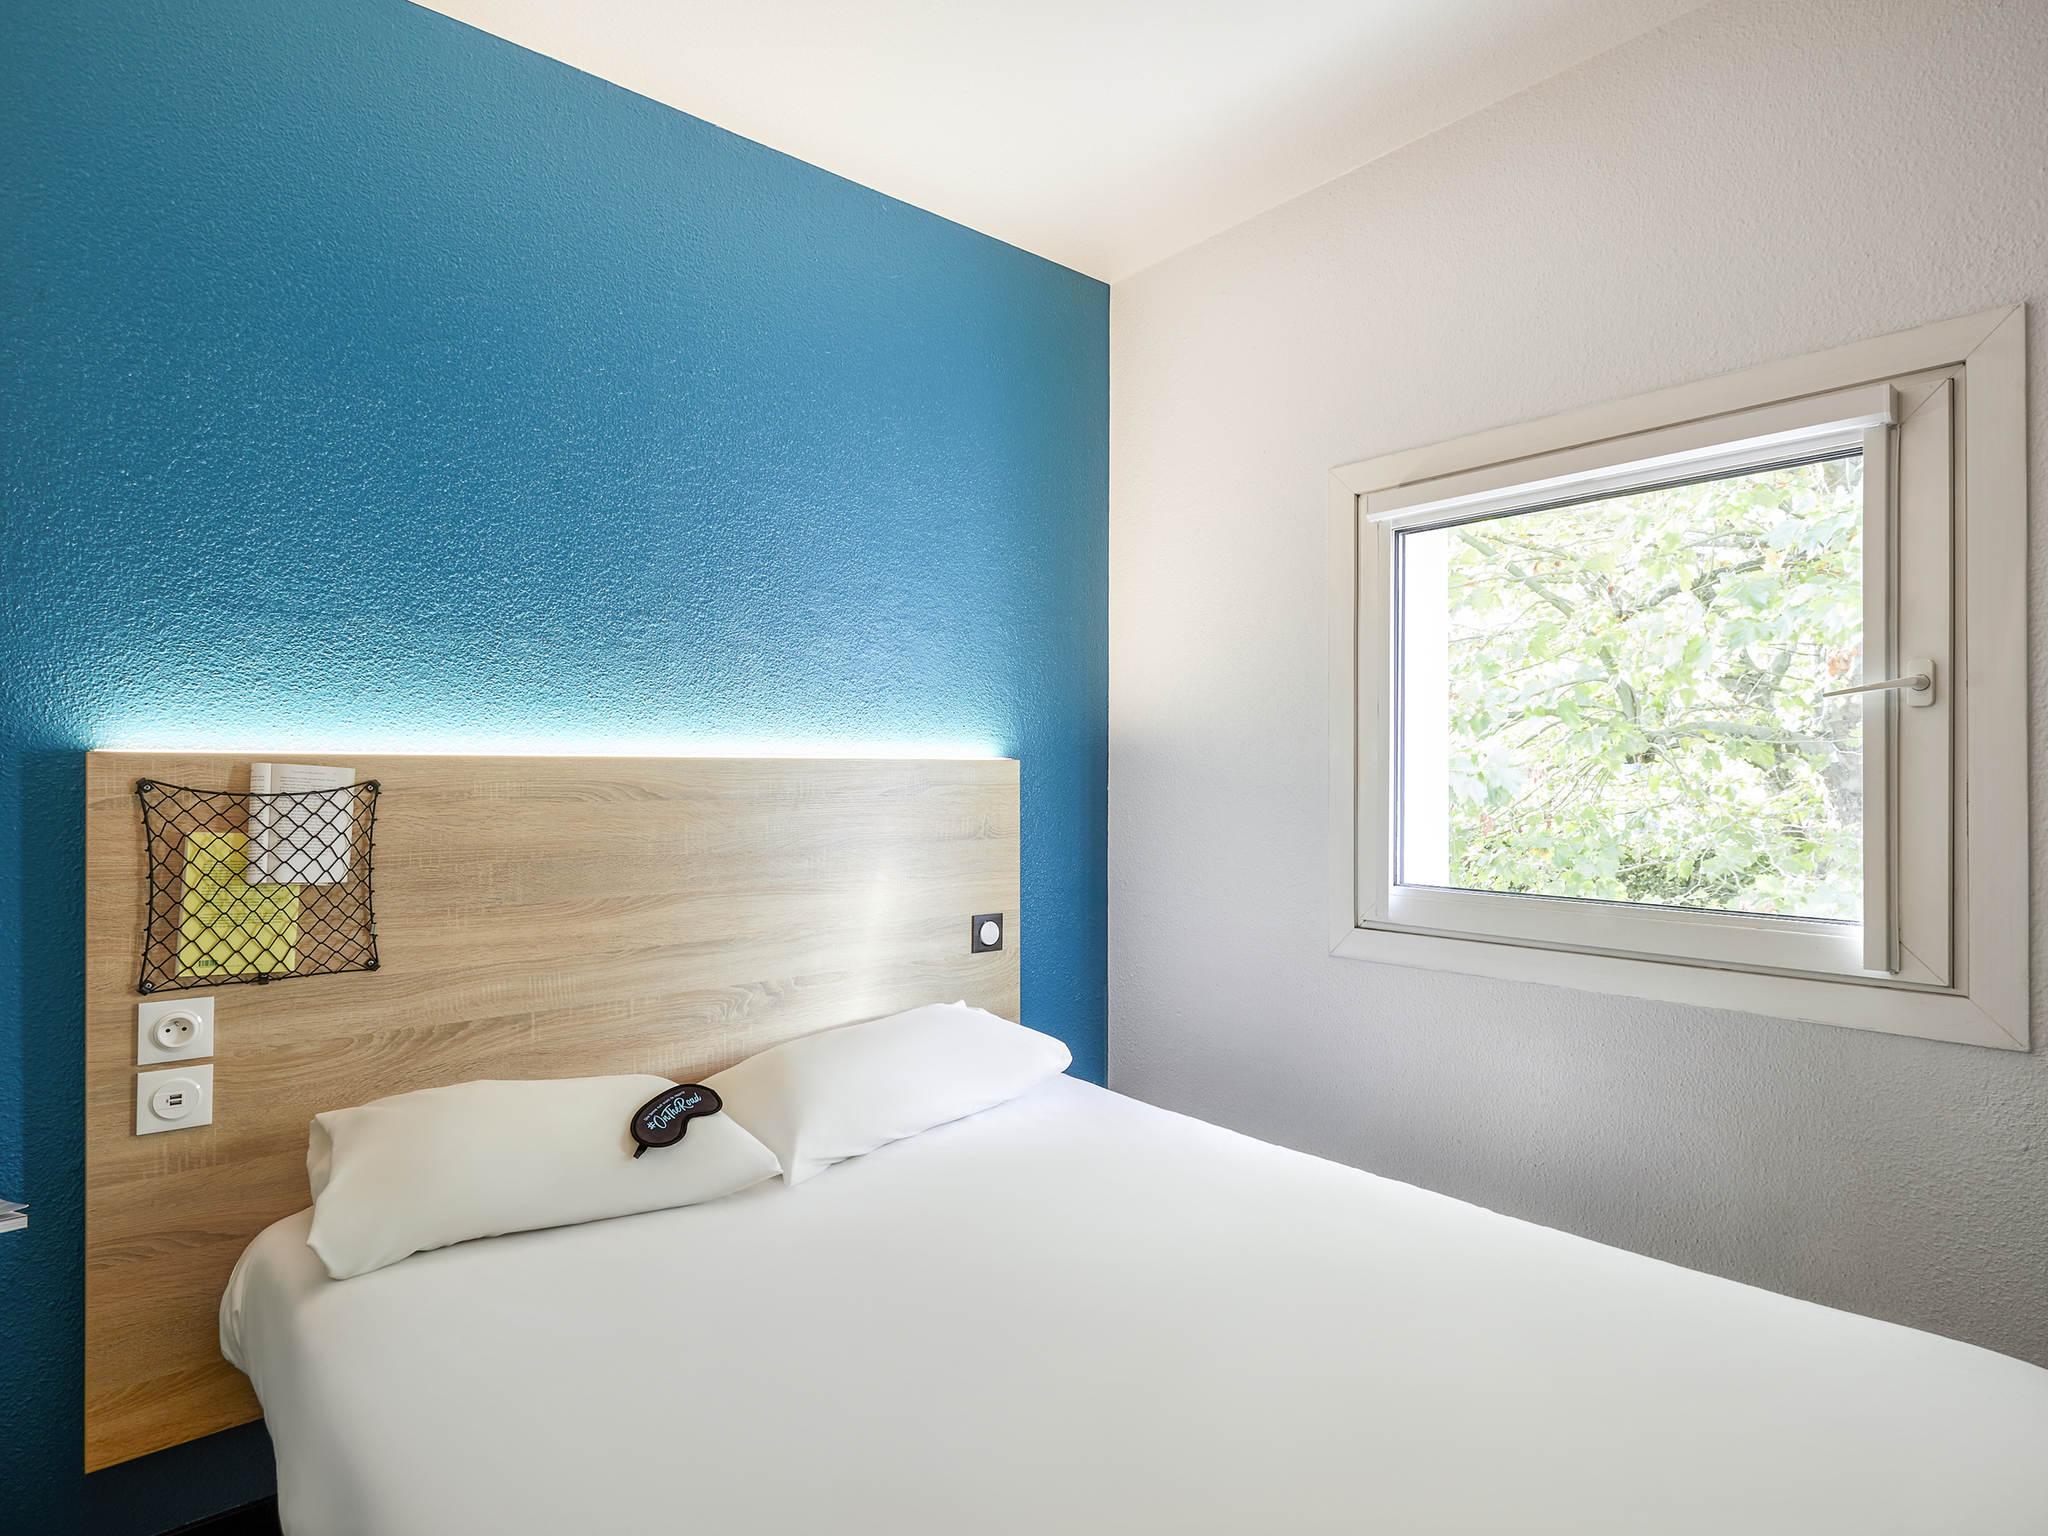 Hotel - hotelF1 Lille Villeneuve d'Ascq